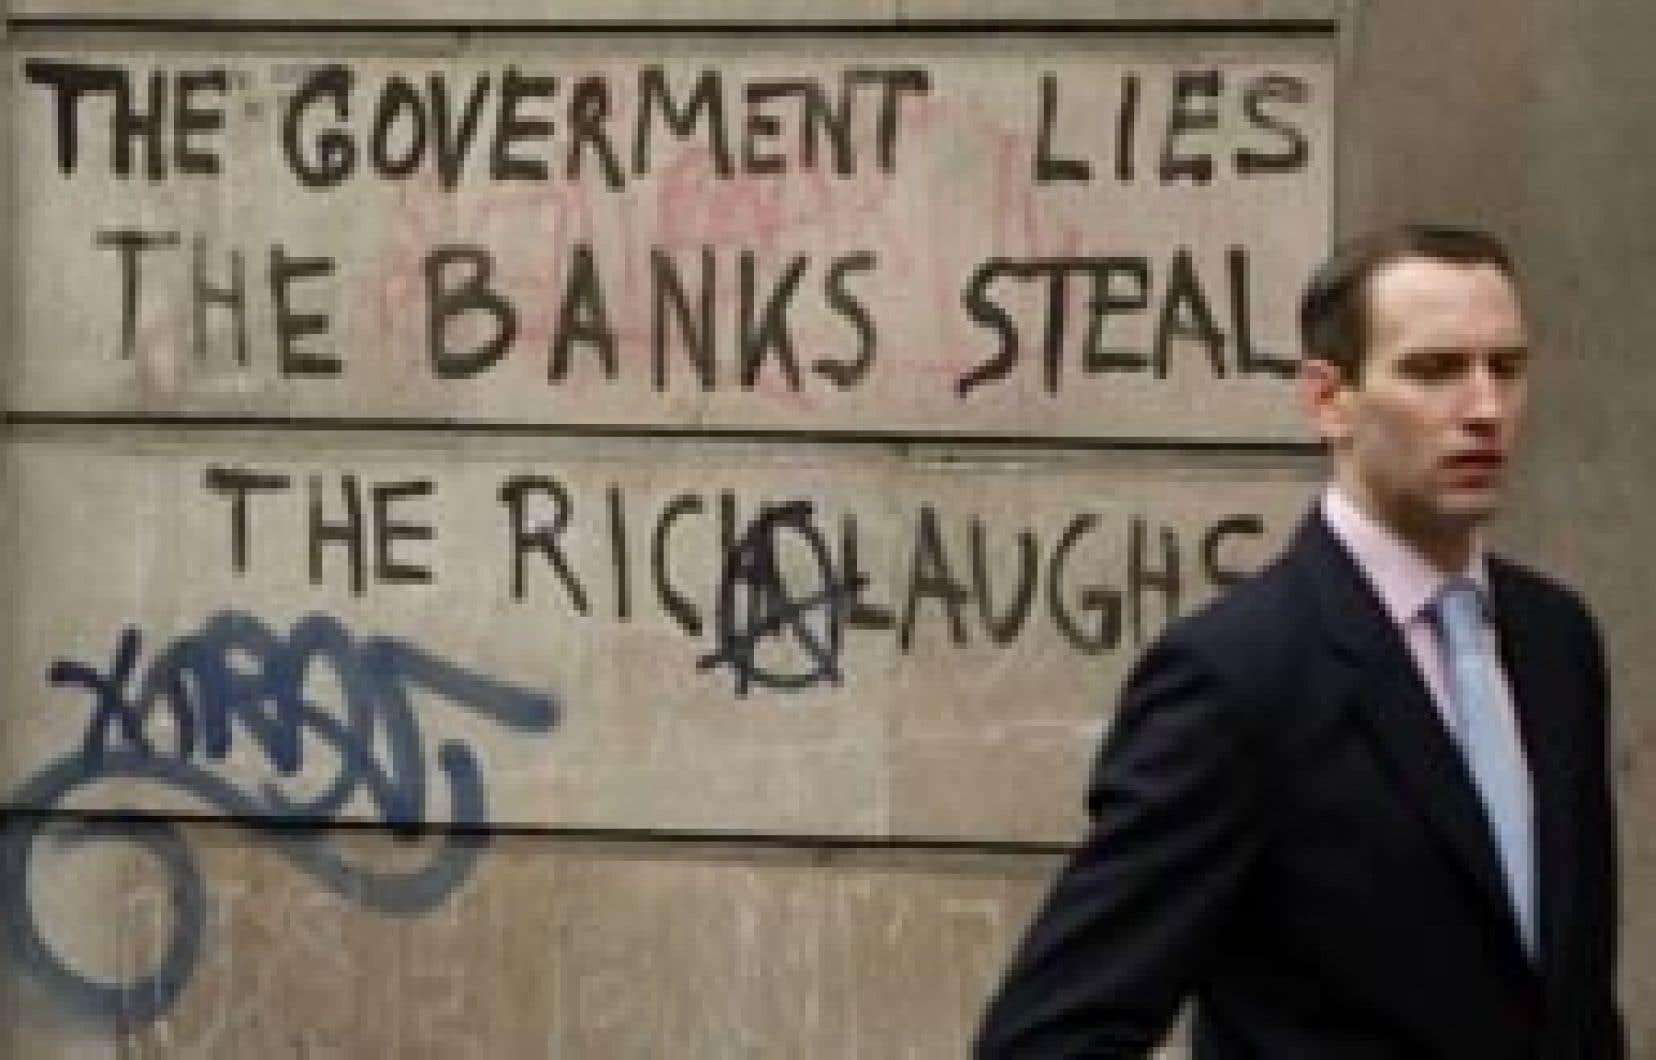 Lors des manifestations contre le Sommet du G20 au début du mois, on pouvait lire un graffiti sur le mur de la Banque d'Angleterre: «Le gouvernement ment, les banques volent, le riche rit.»